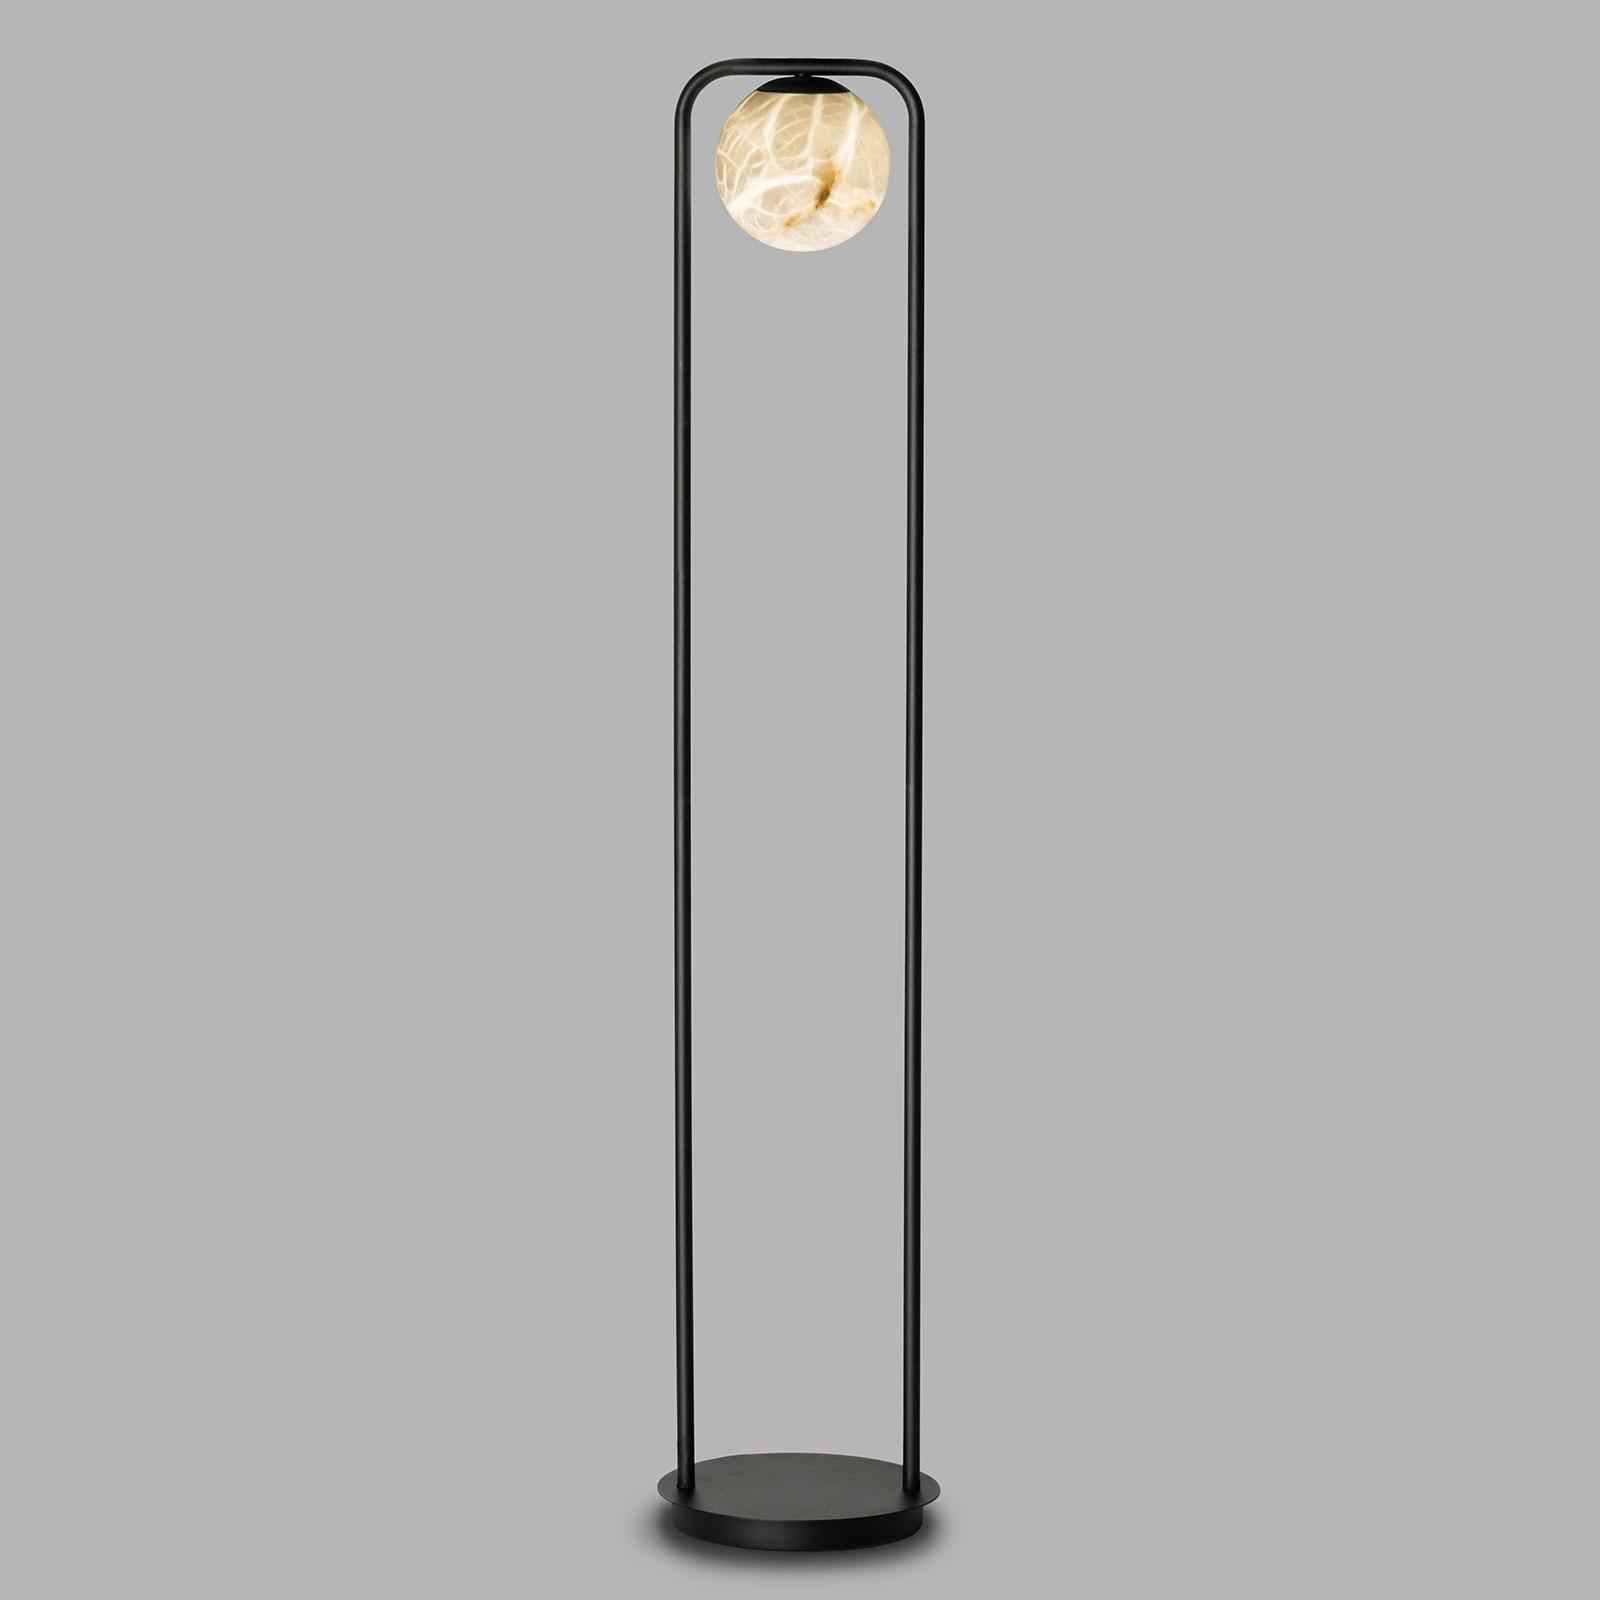 Lampa stojąca LED Tribeca z alabastrem 1-punktowa